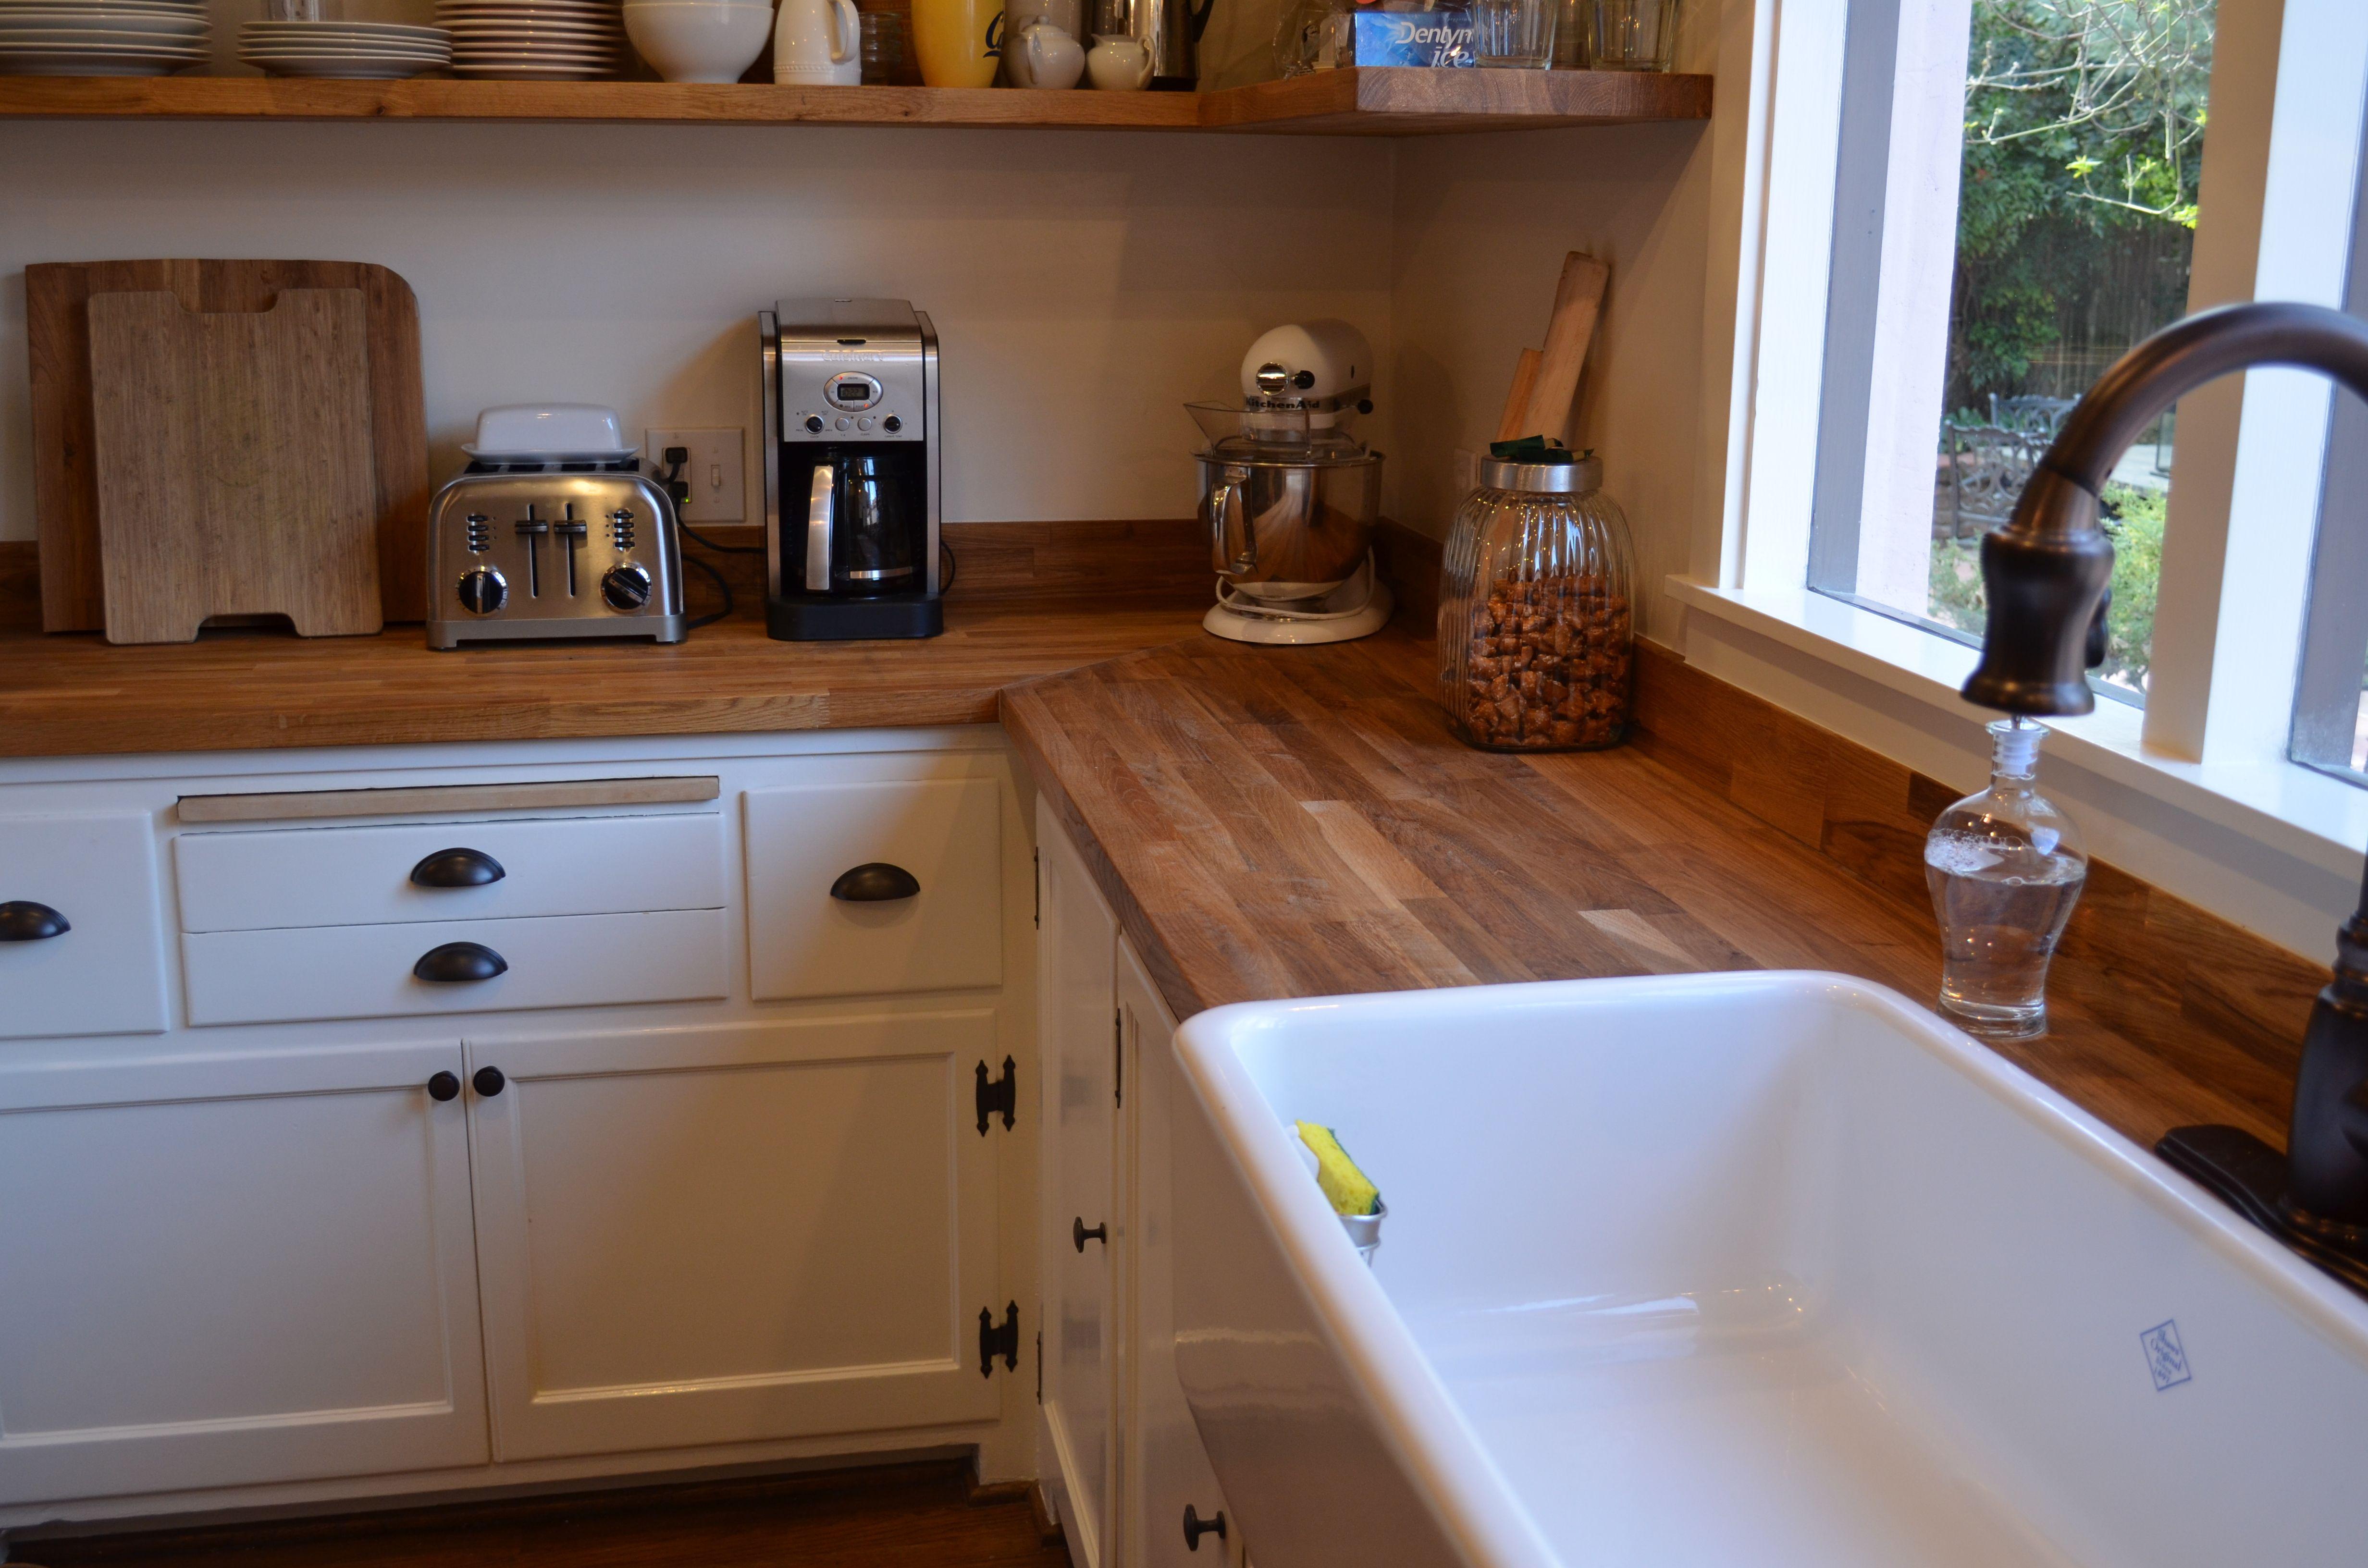 ikea kitchen countertops bistro set butcher block beech